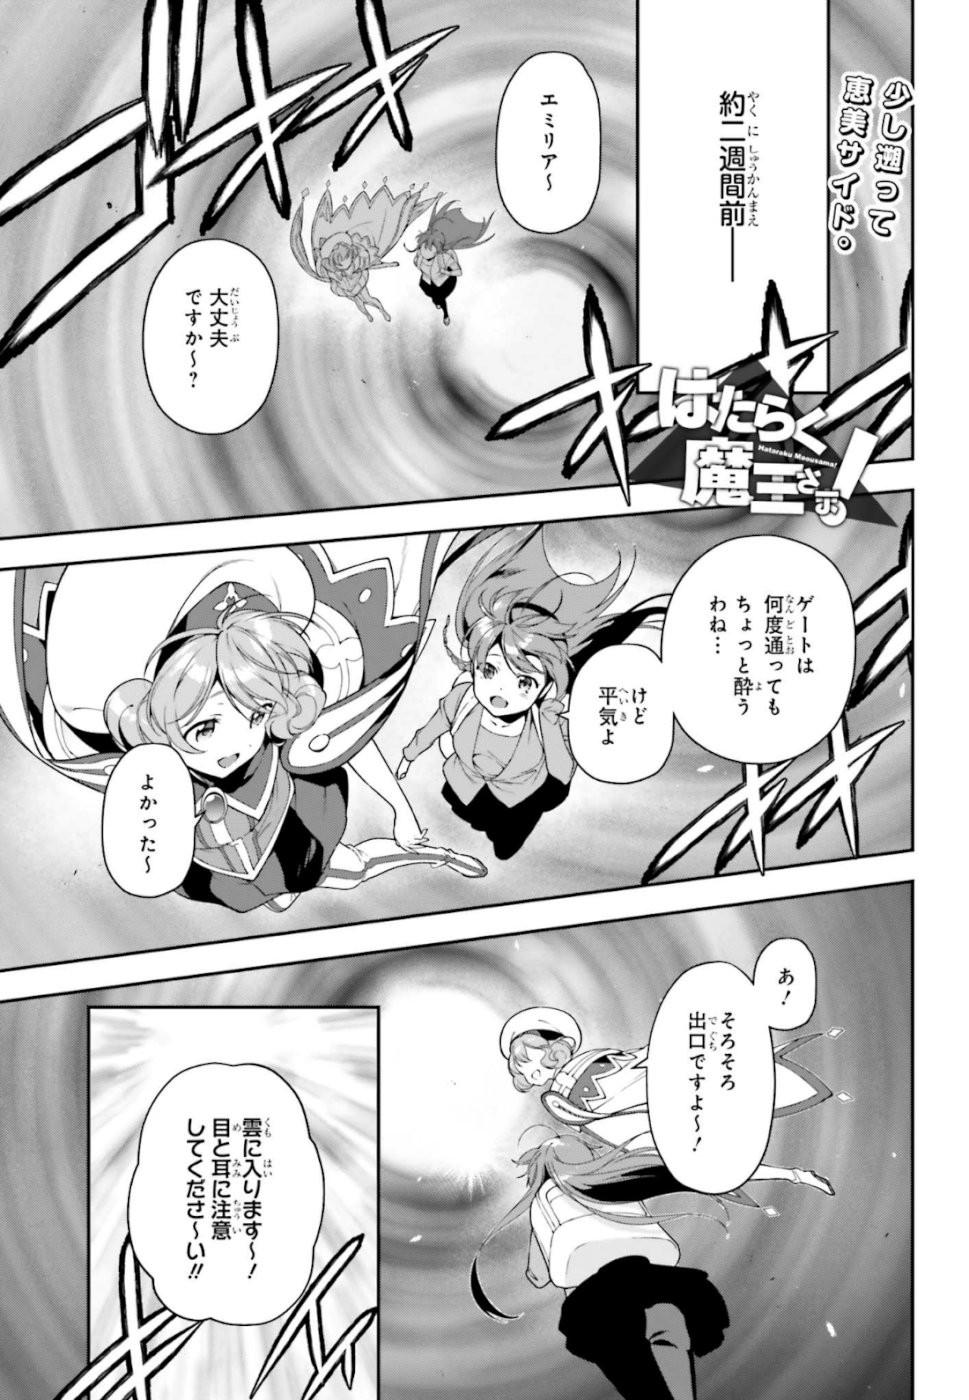 Hataraku Maousama! - Chapter 83 - Page 1